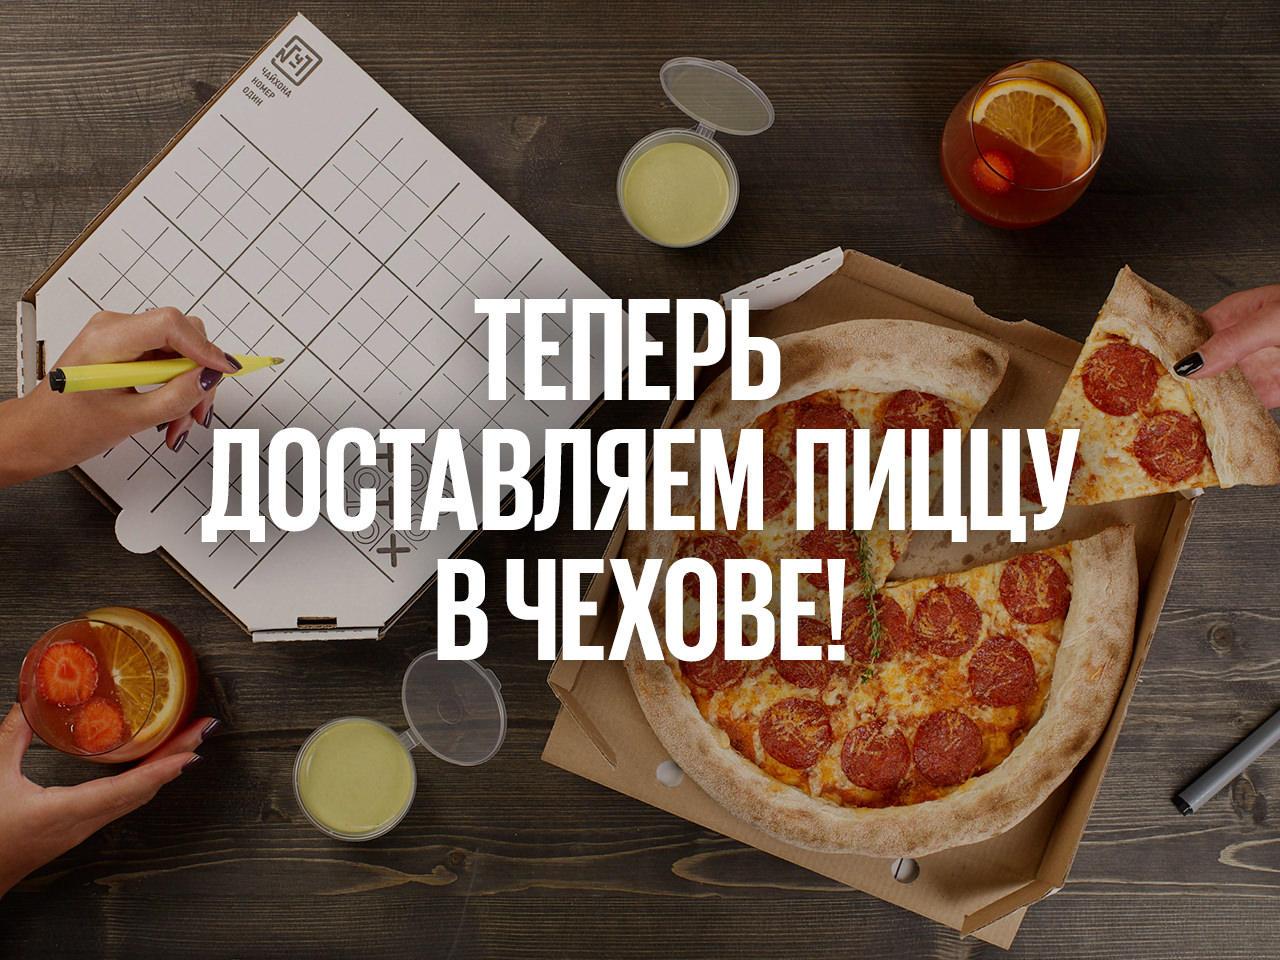 Чехов доставляет пиццу!